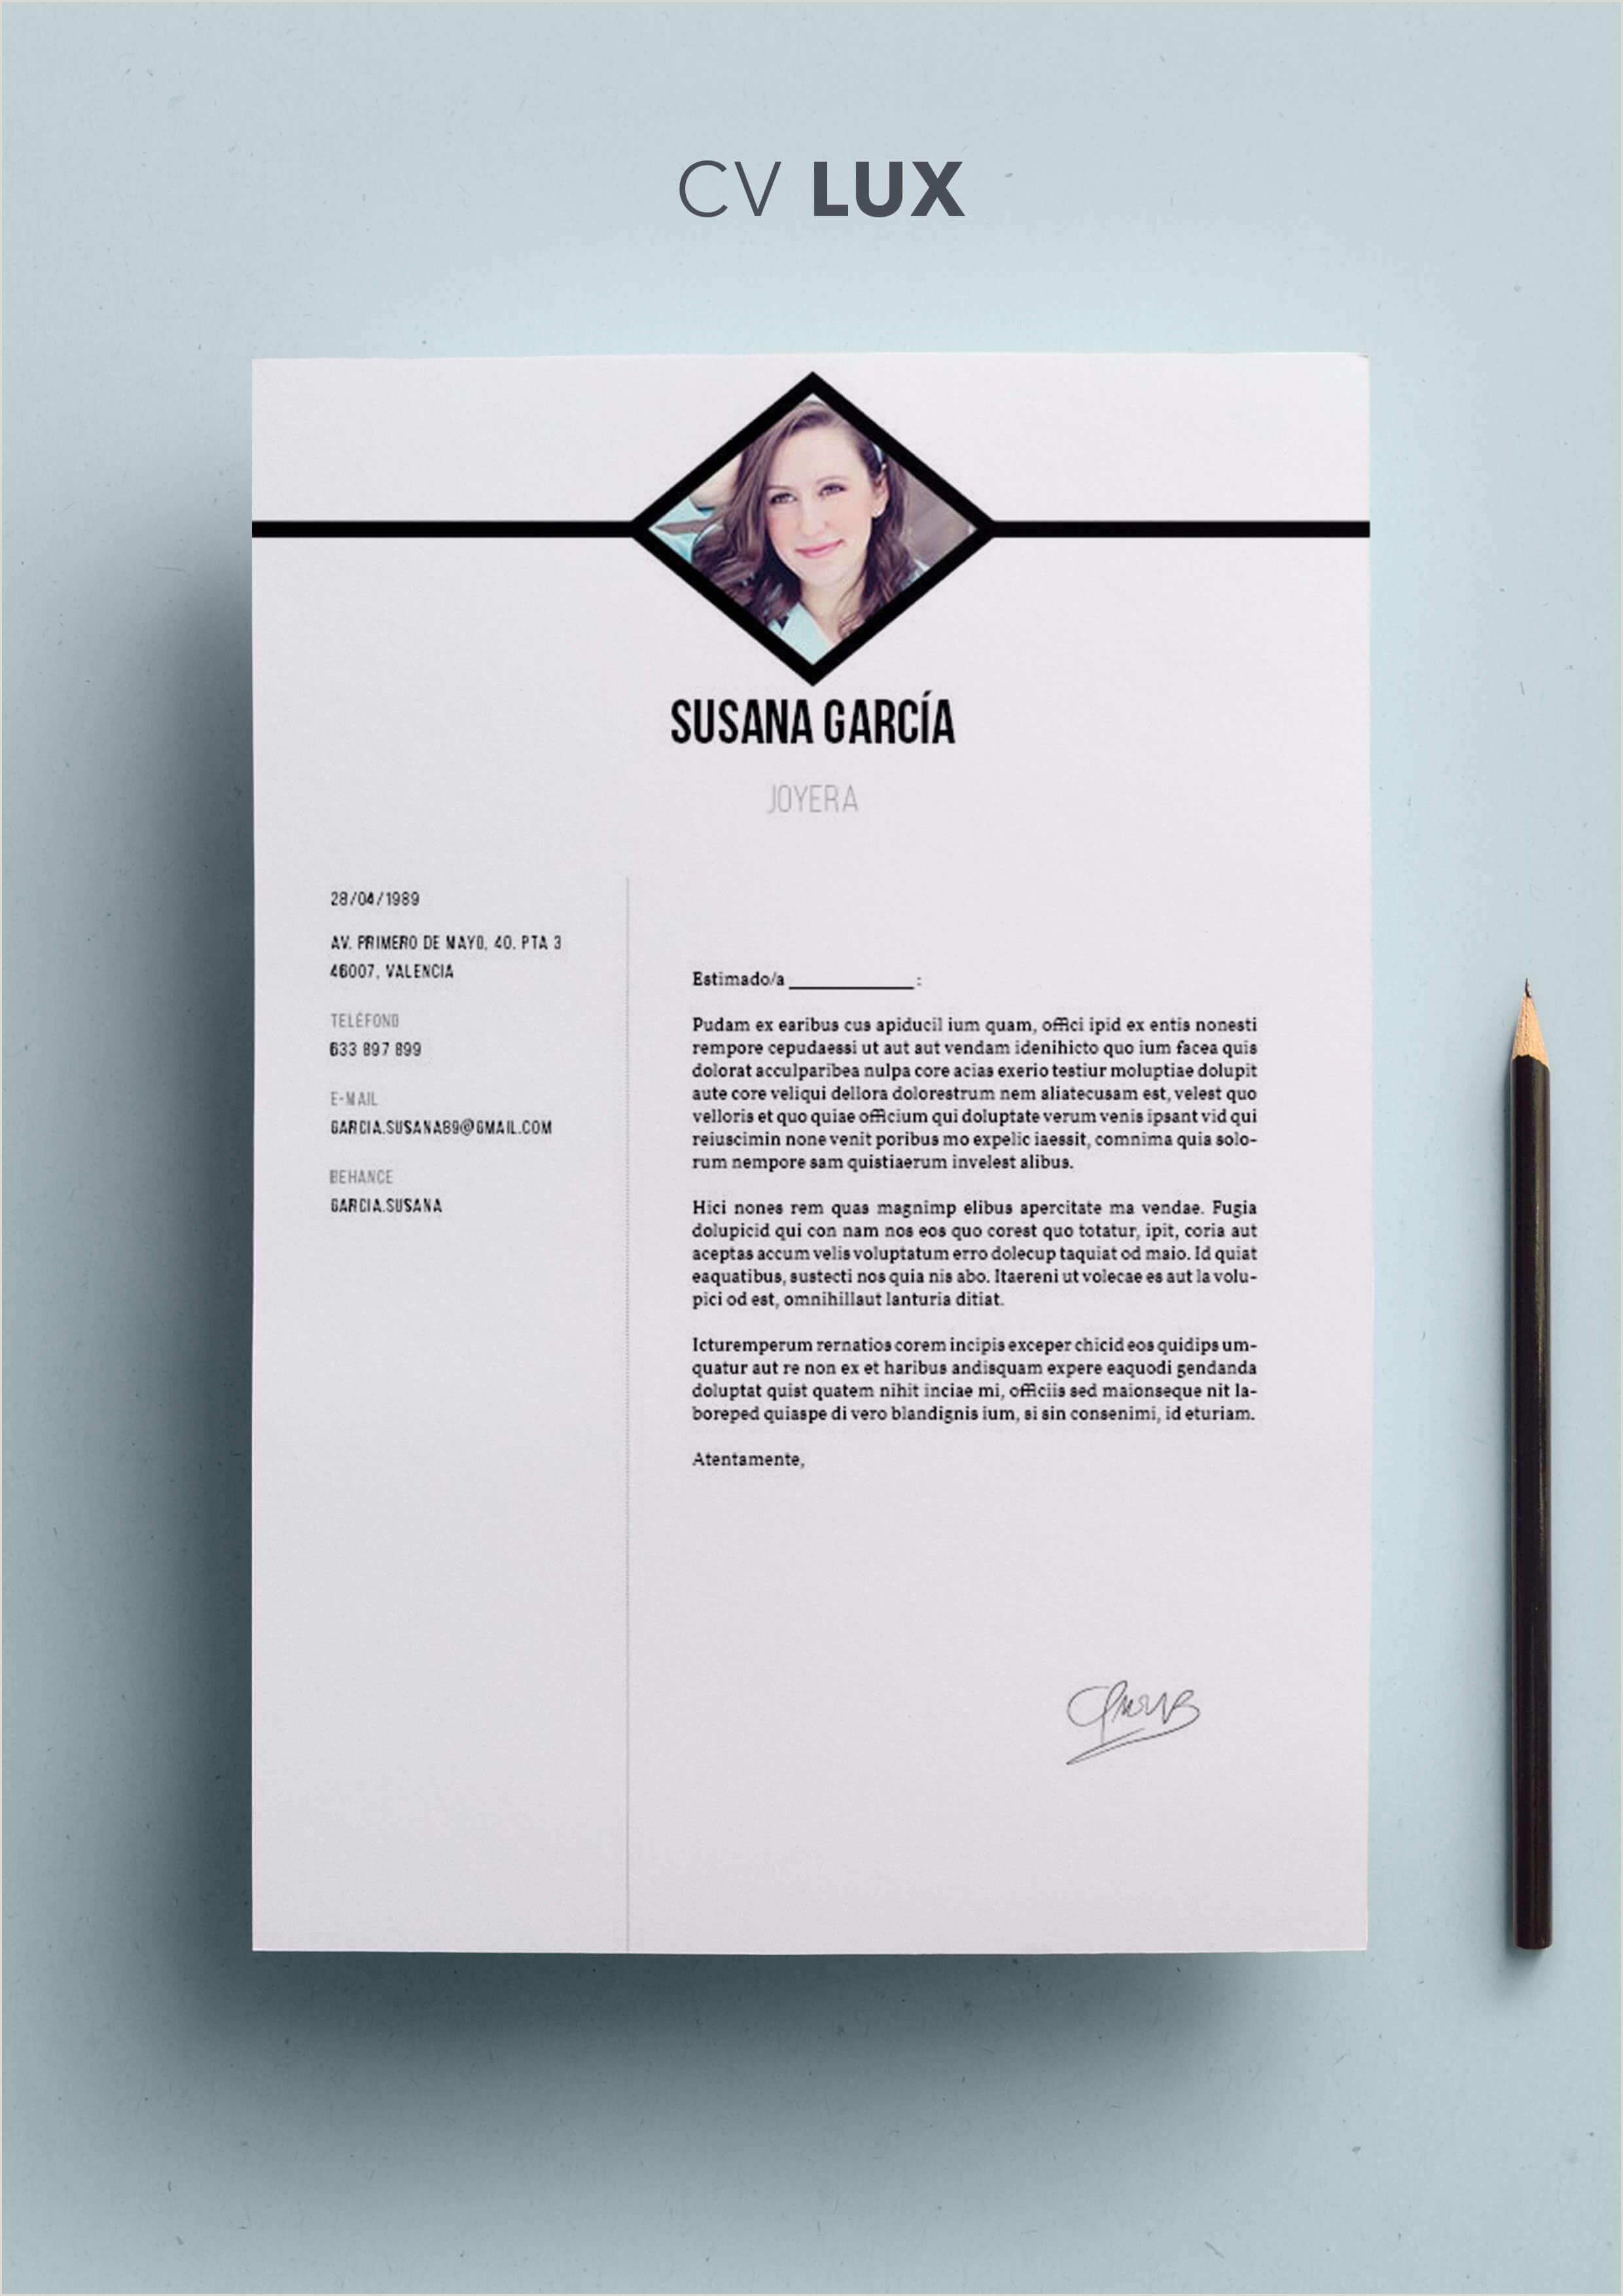 Curriculum Simples Para Imprimir Currculum Vitae Modelo Lux